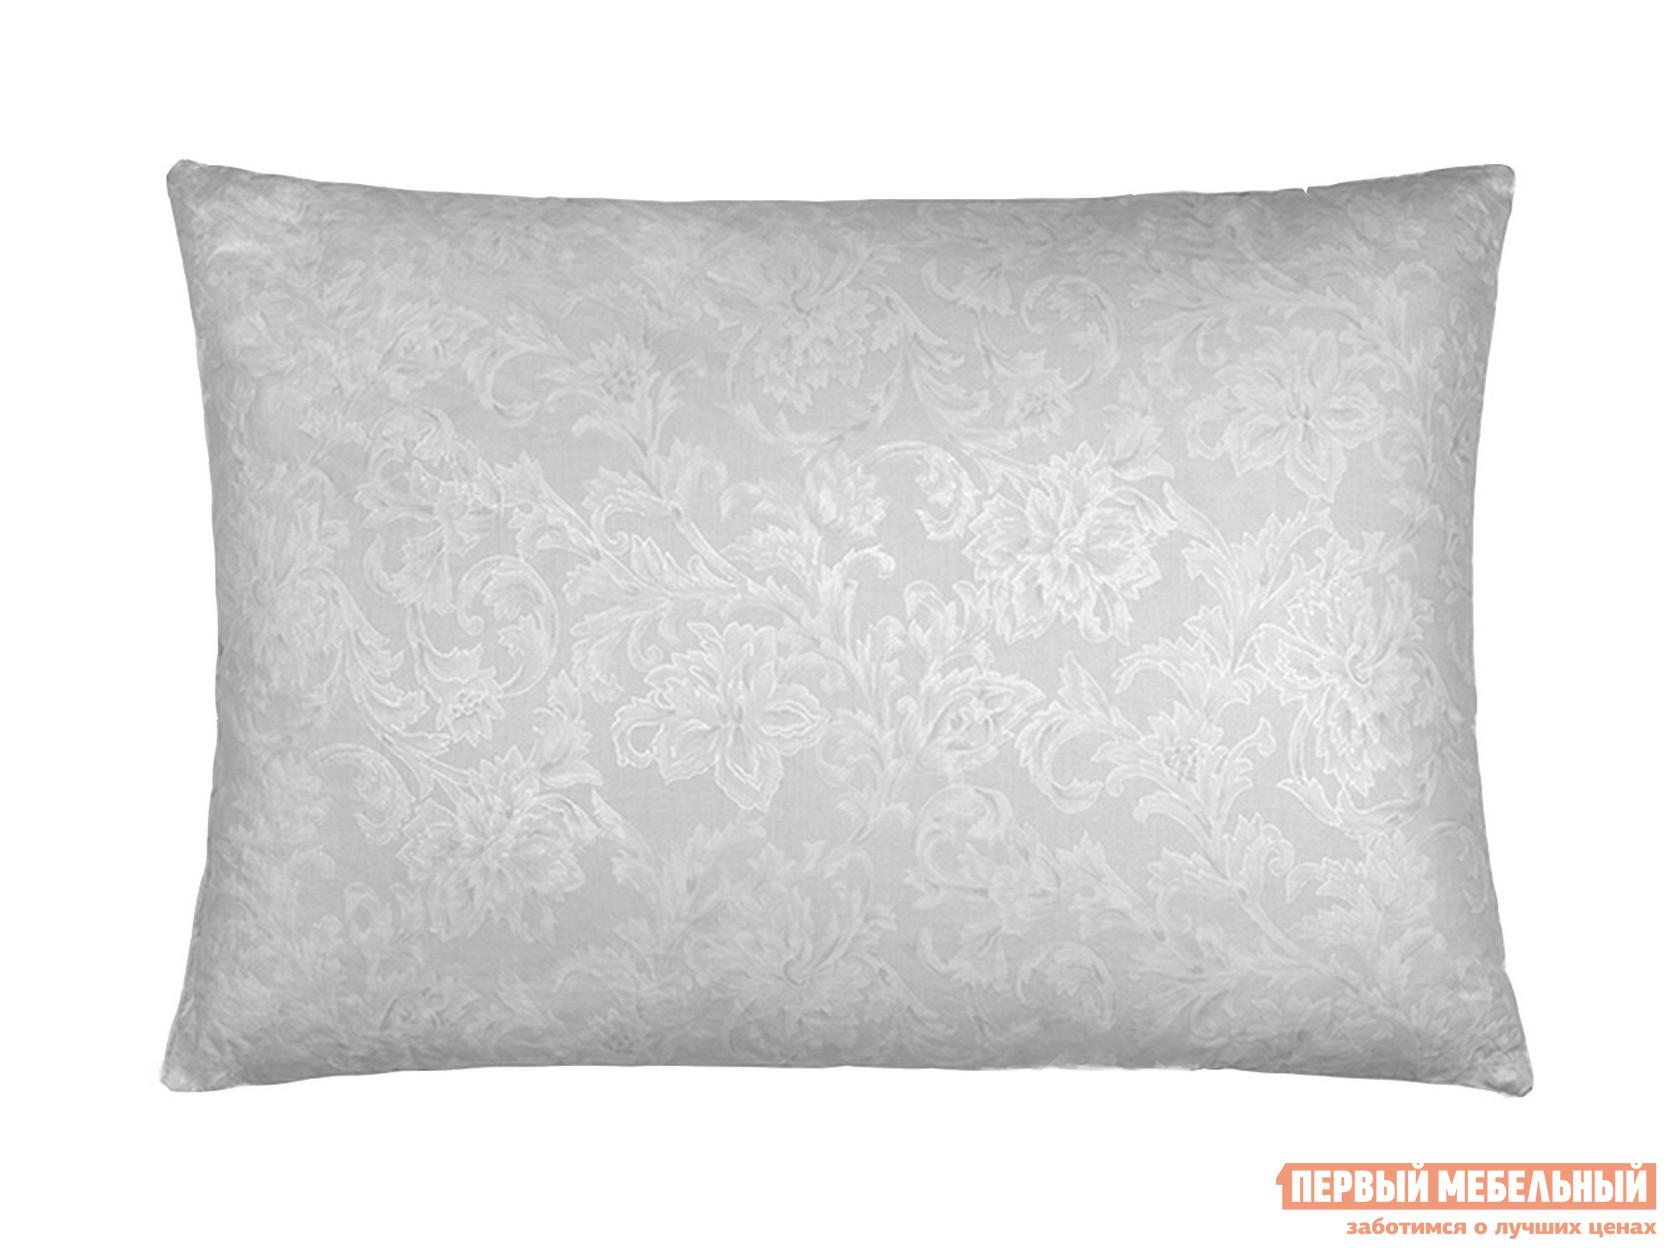 Подушка Первый Мебельный Подушка Рокко